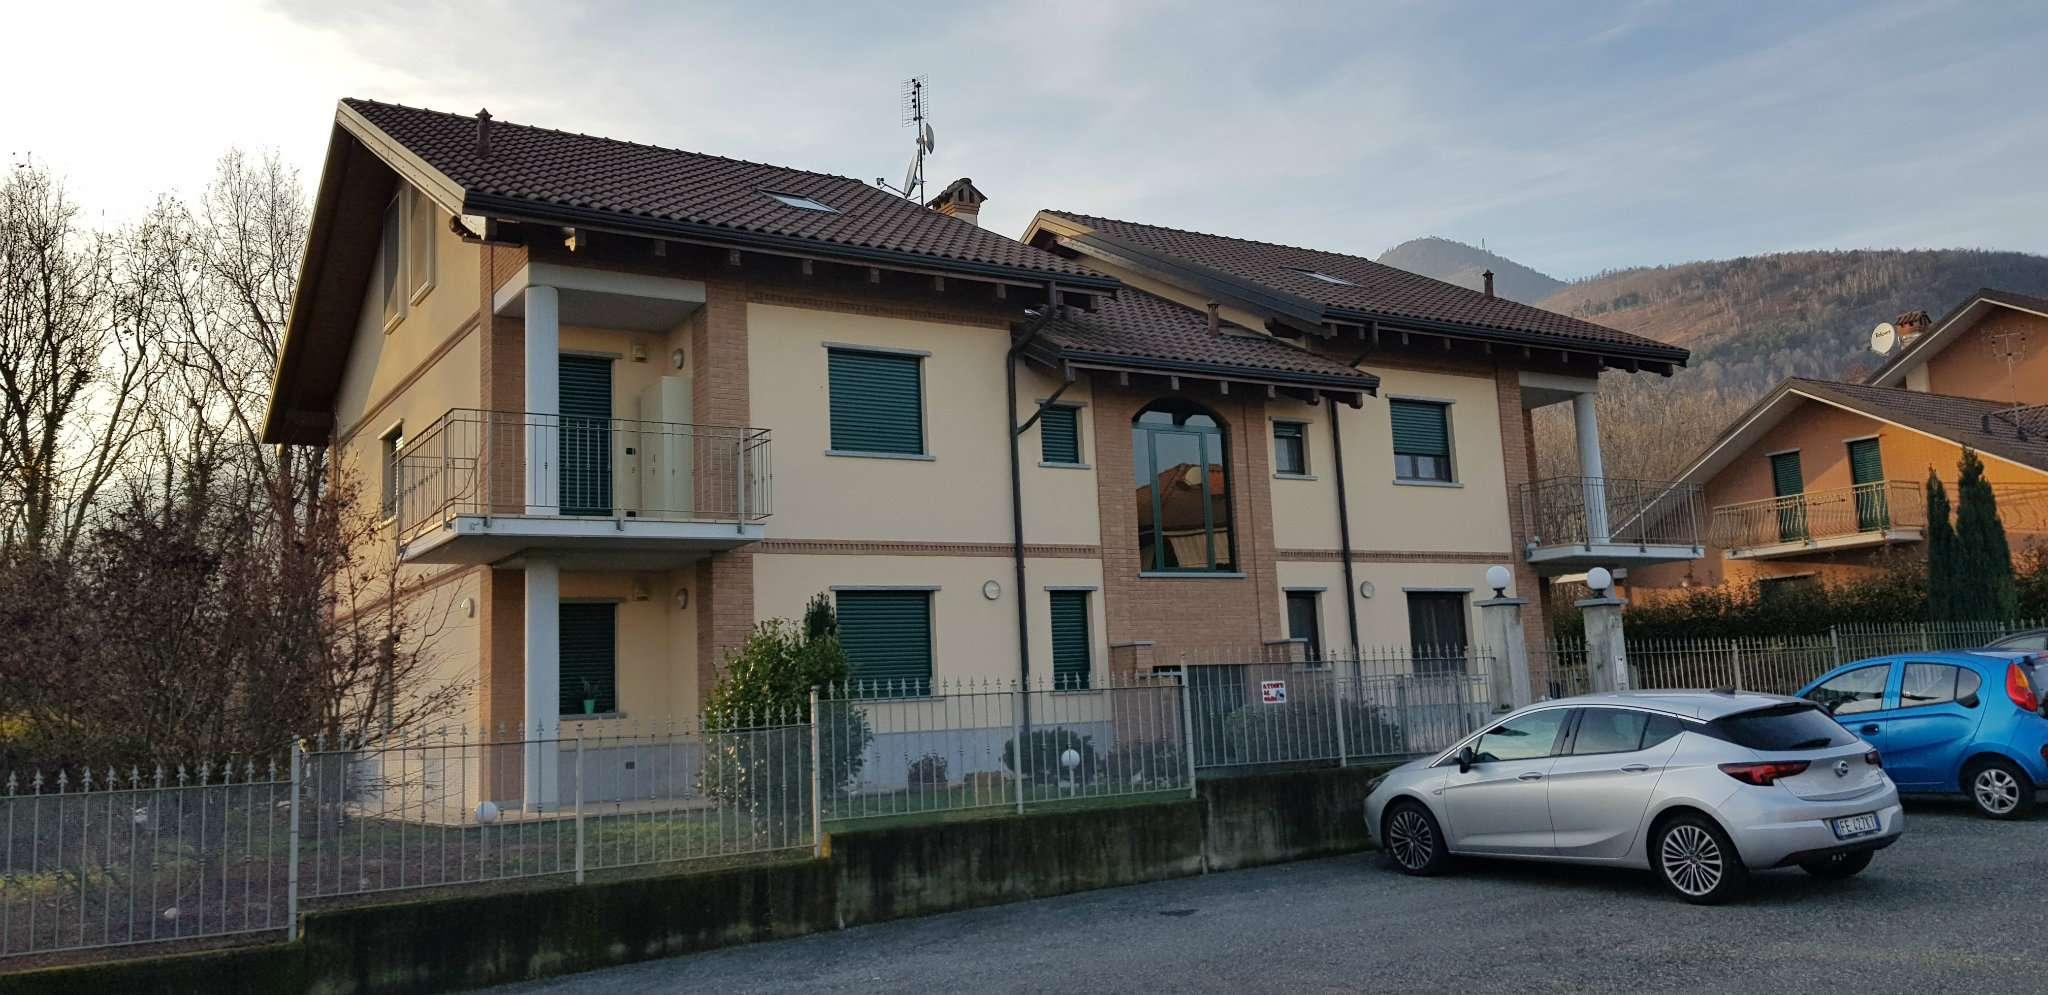 Vendita - Appartamento - La Cassa - LA CASSA  IN QUADRIFAMILIARE APPARTAMENTO SU 2 LIVELLI